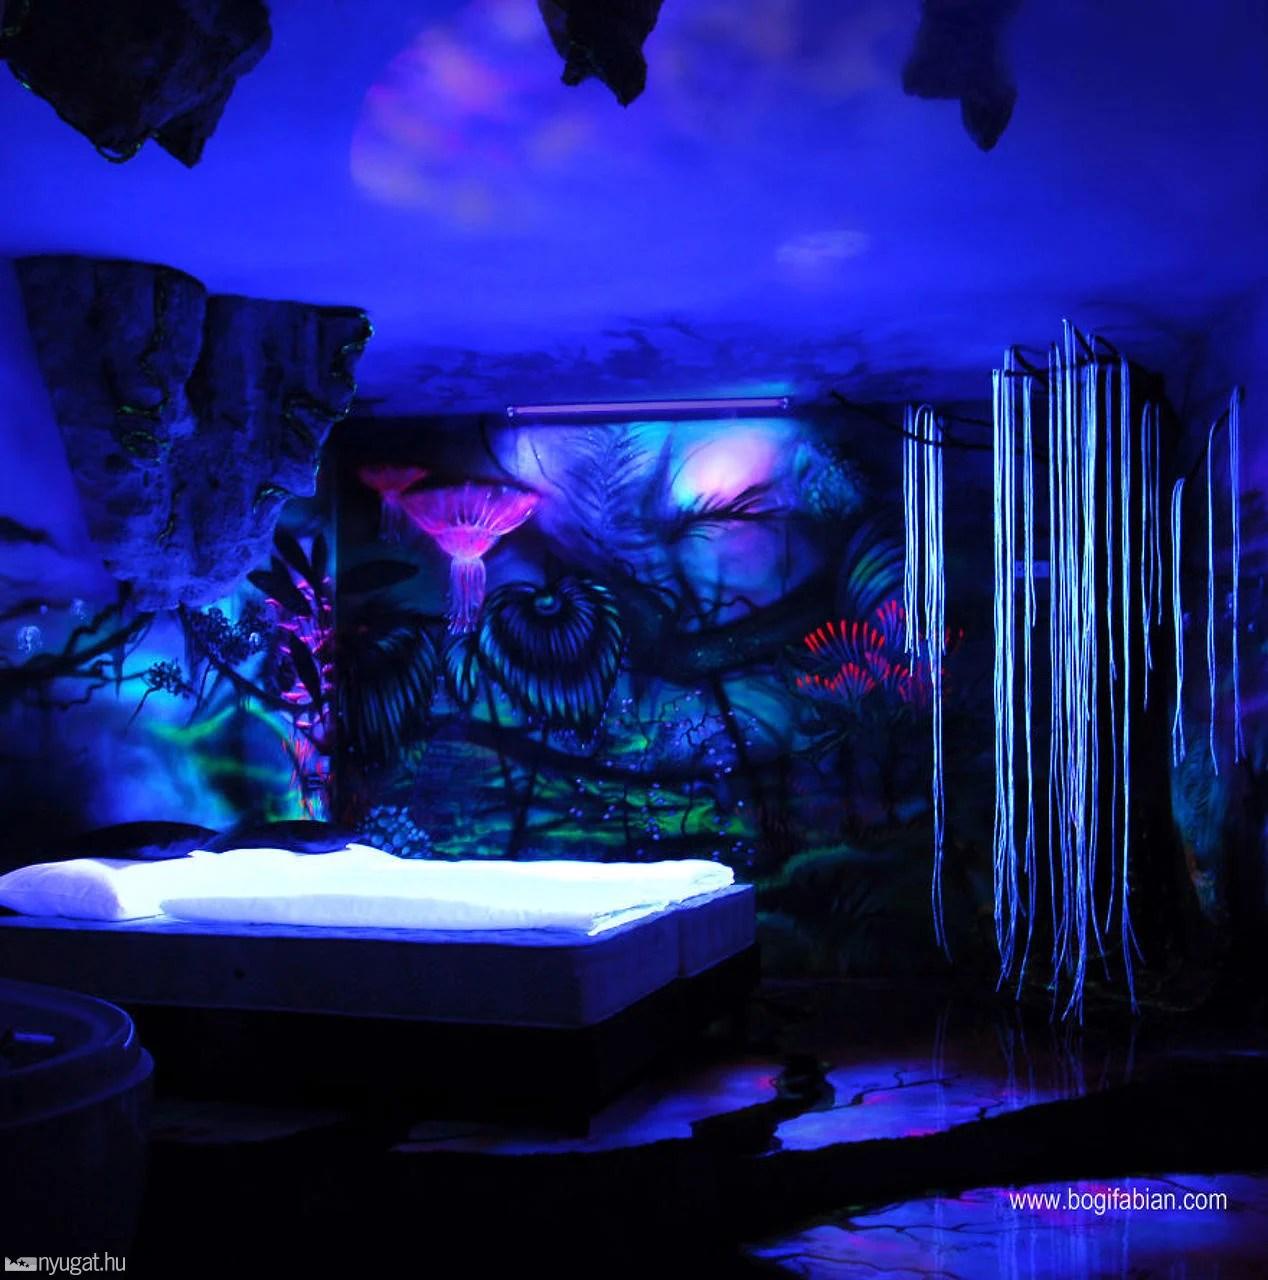 Murales Que Se Iluminan Cuando Apagan Las Luces Del Cuarto